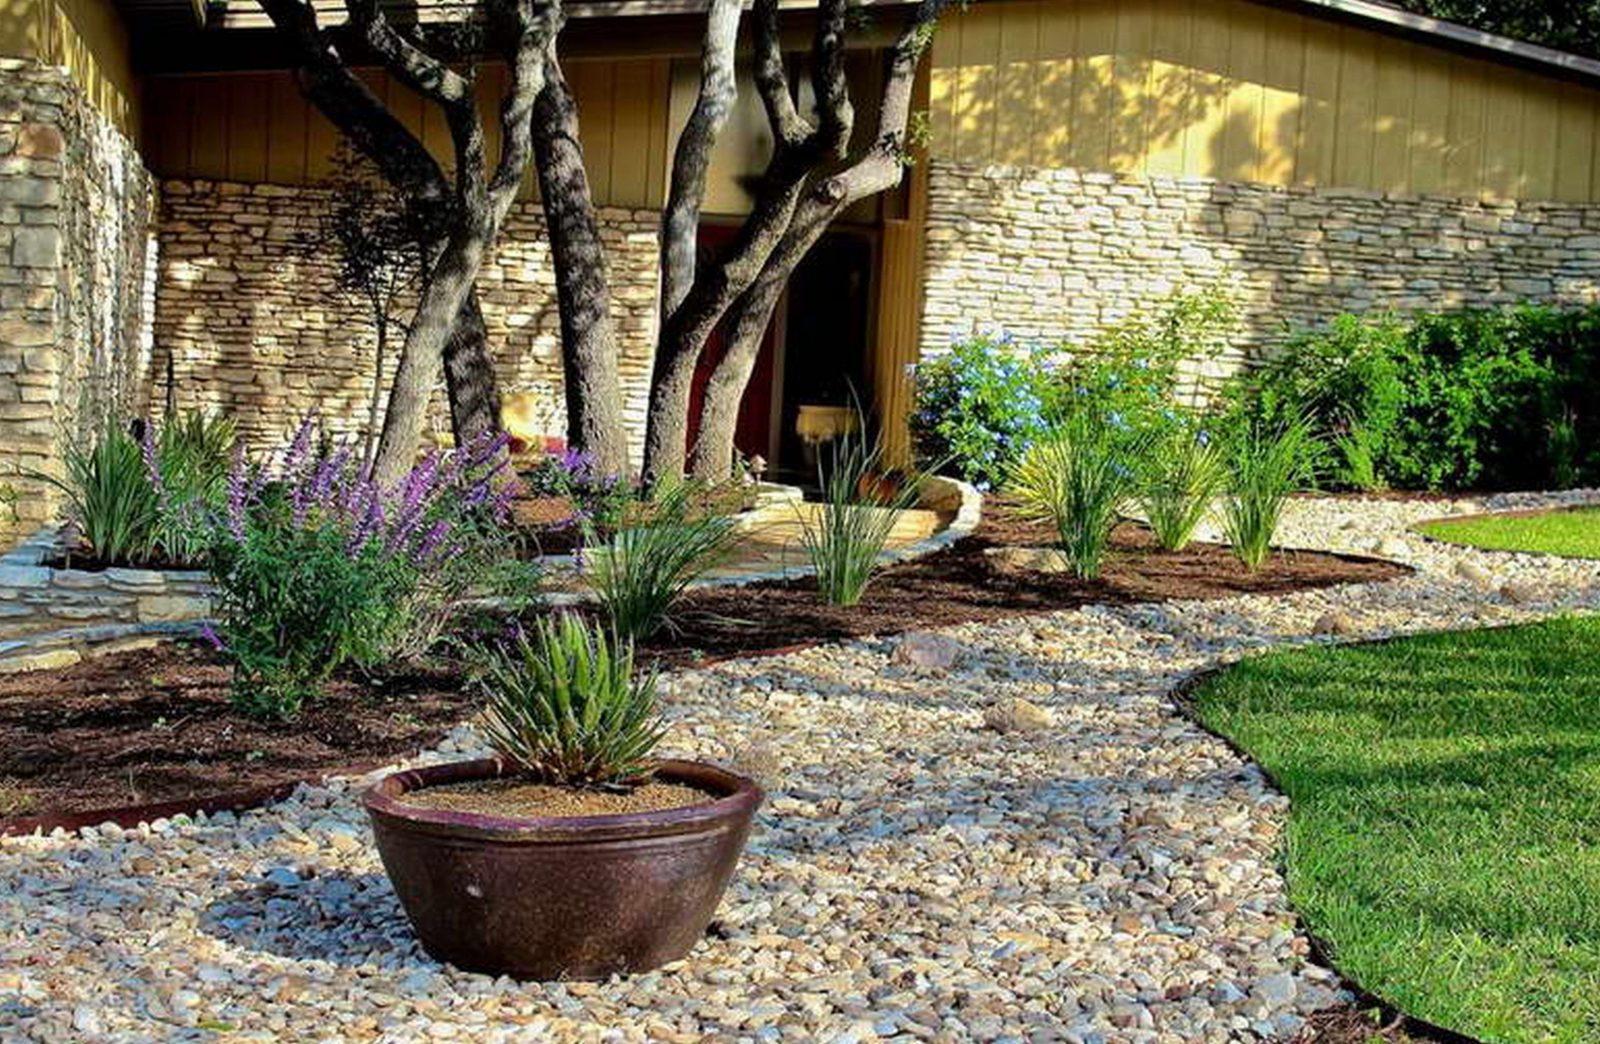 Garten Reihenmittelhaus Gestalten Mit Gartengestaltung Reihenhaus von Vorgarten Gestalten Reihenhaus Ideen Bild